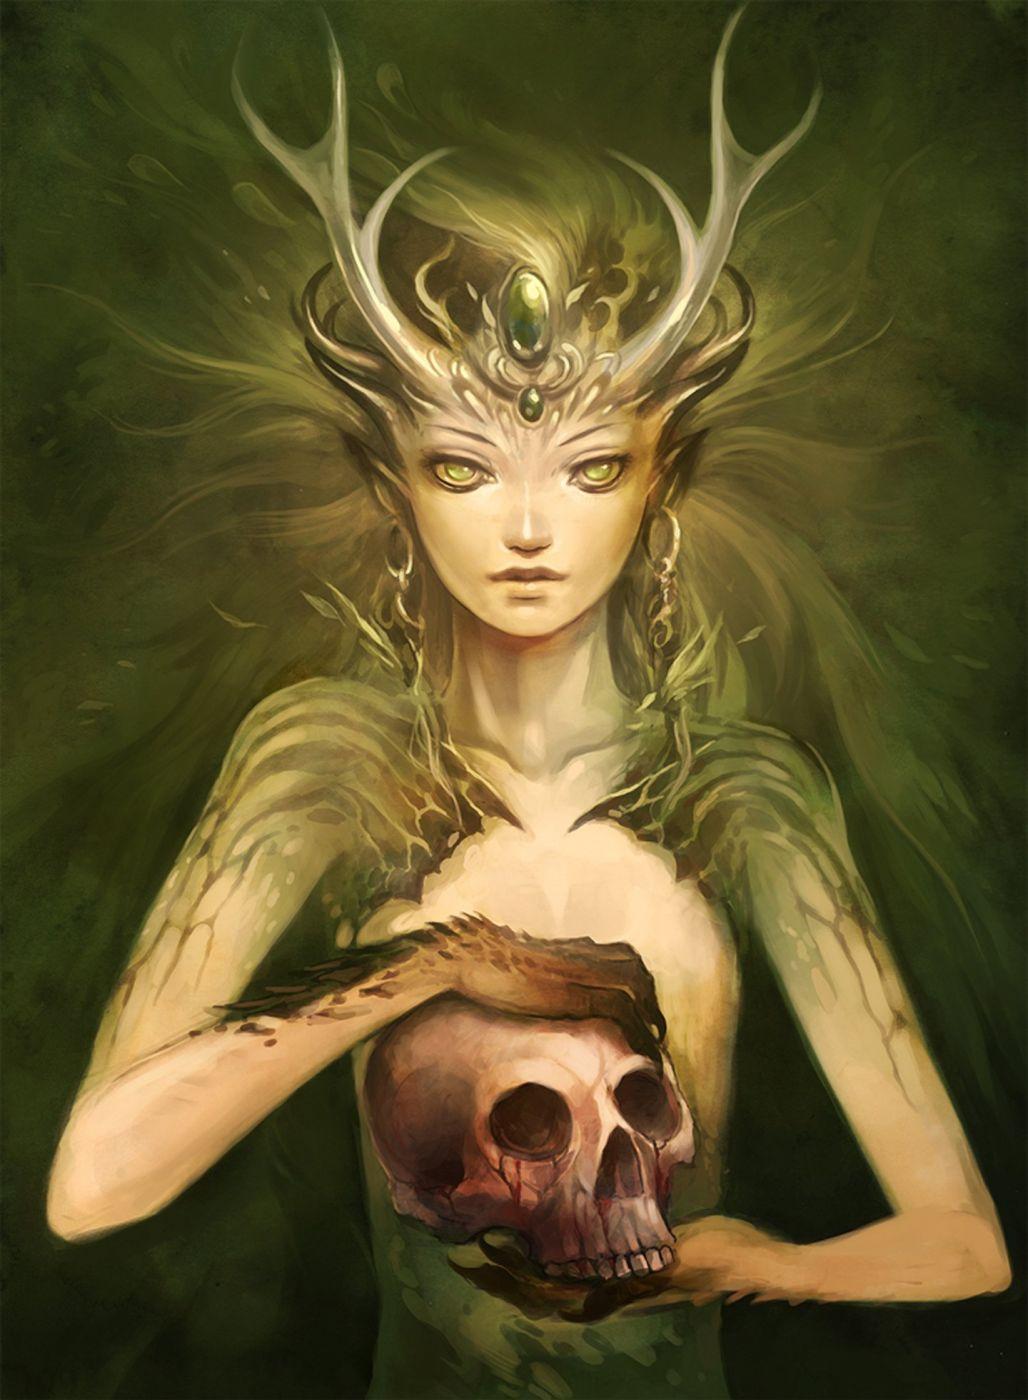 Картинки страшных эльфов